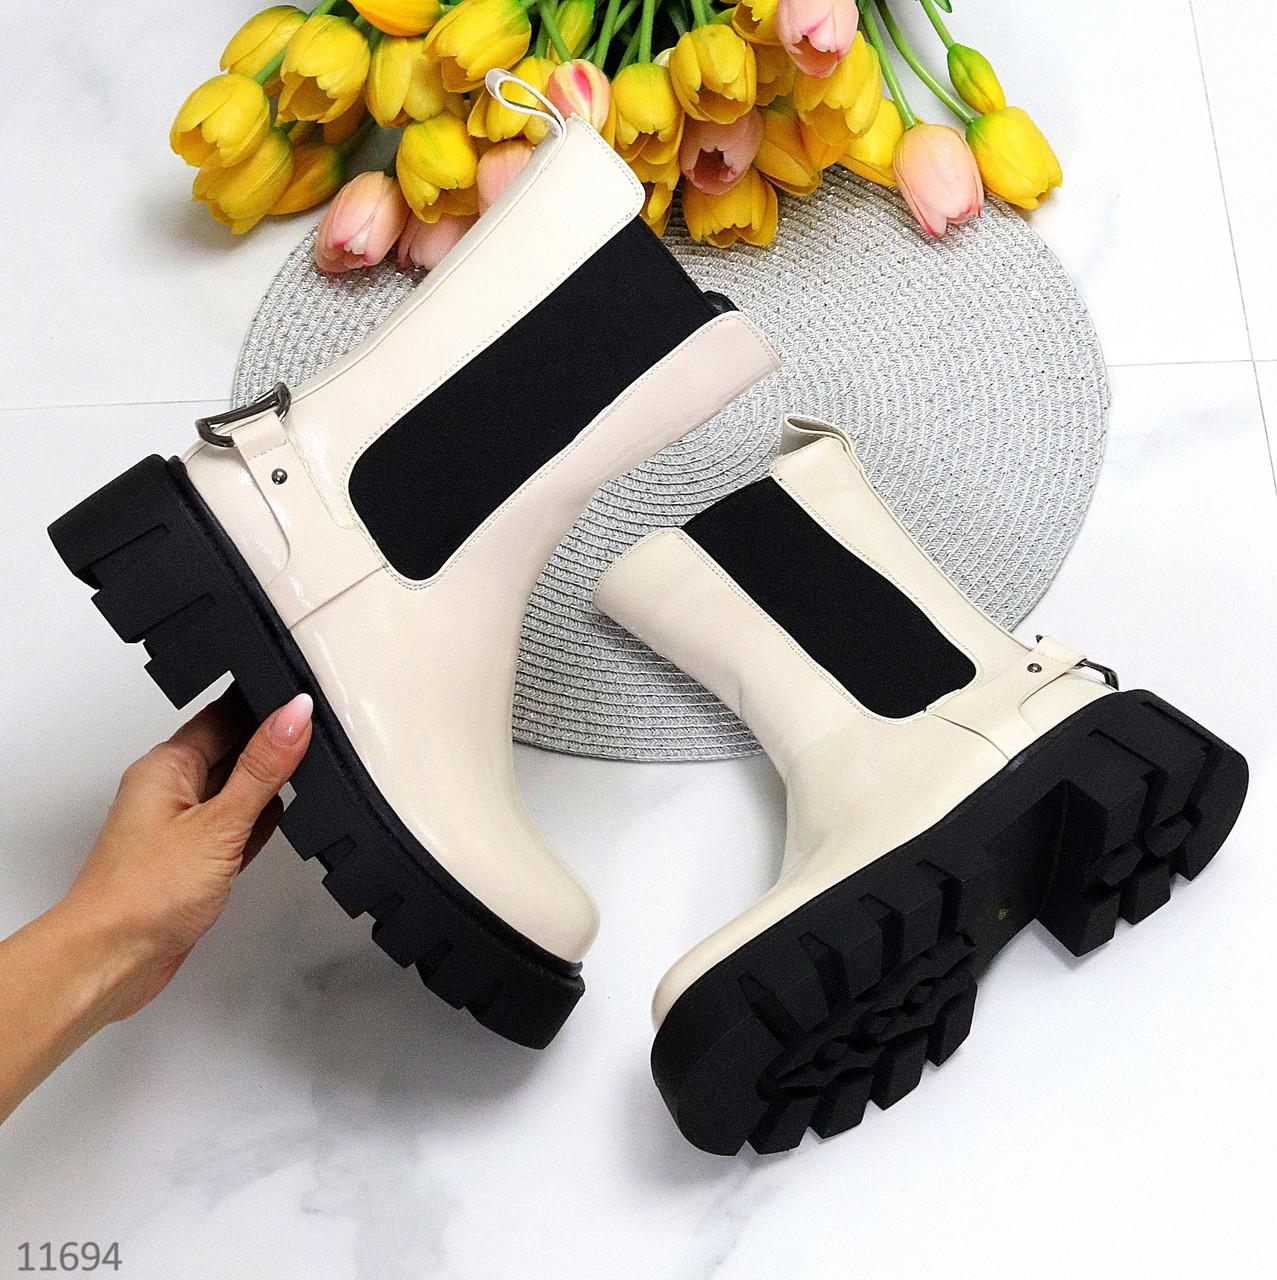 Високі глянцеві світлі бежеві жіночі черевики челсі з еластичними вставками з боків 36-23,5 см